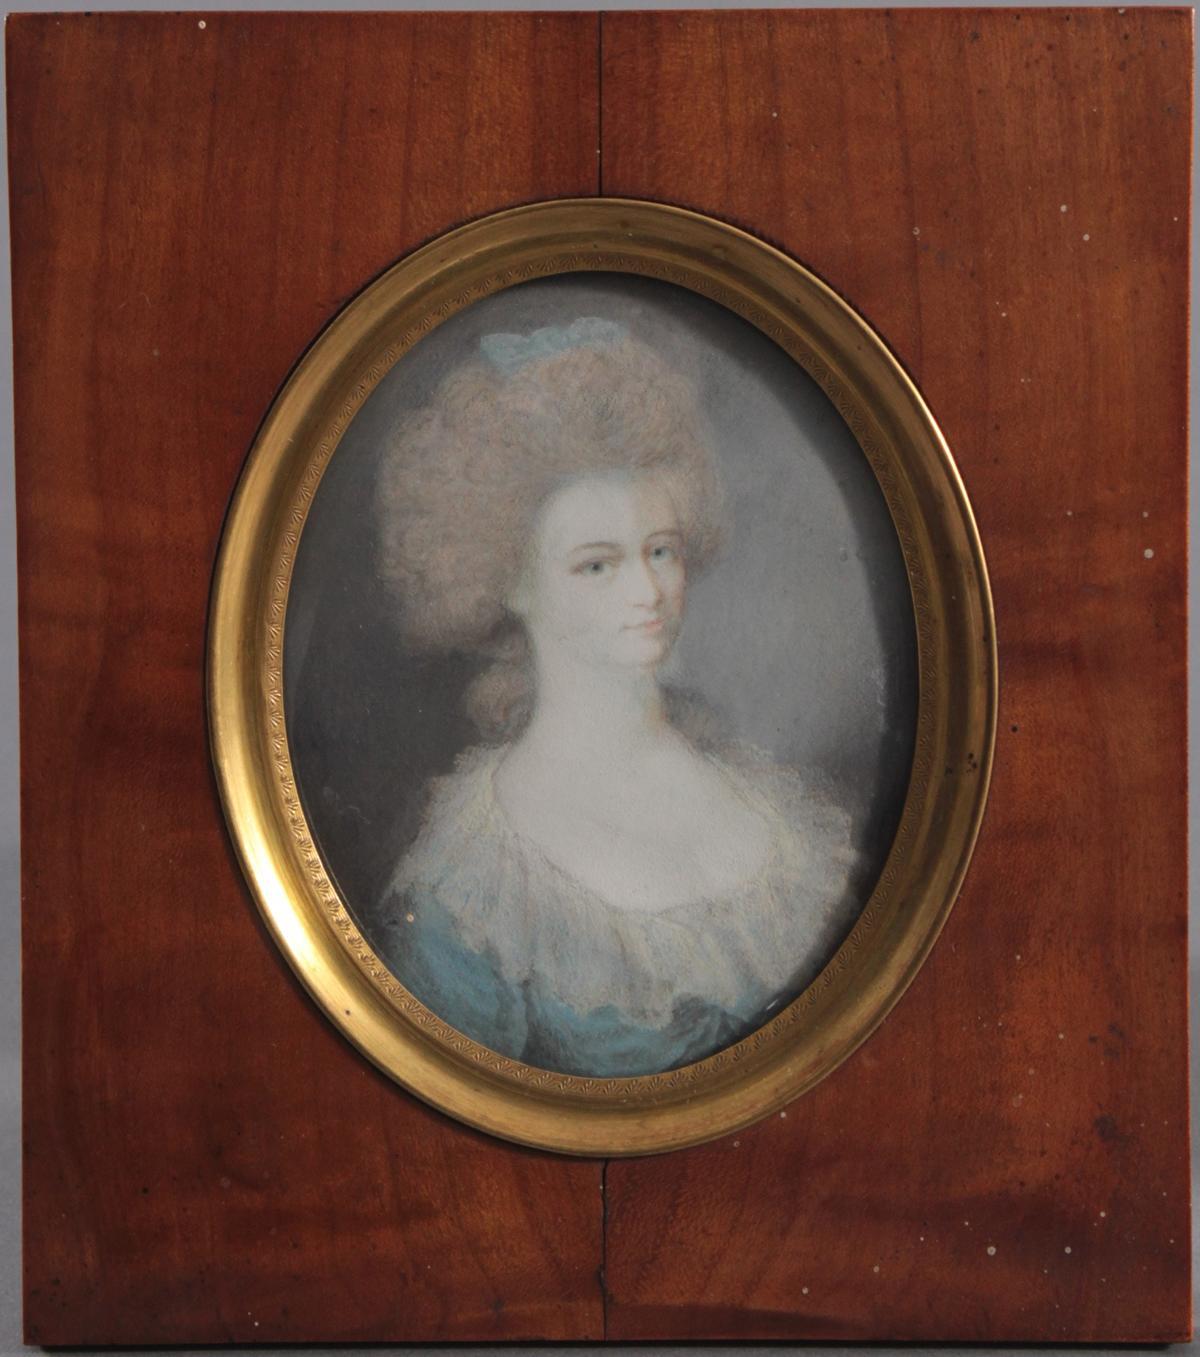 J. Smart. Miniaturmalerei, 18. Jahrhundert